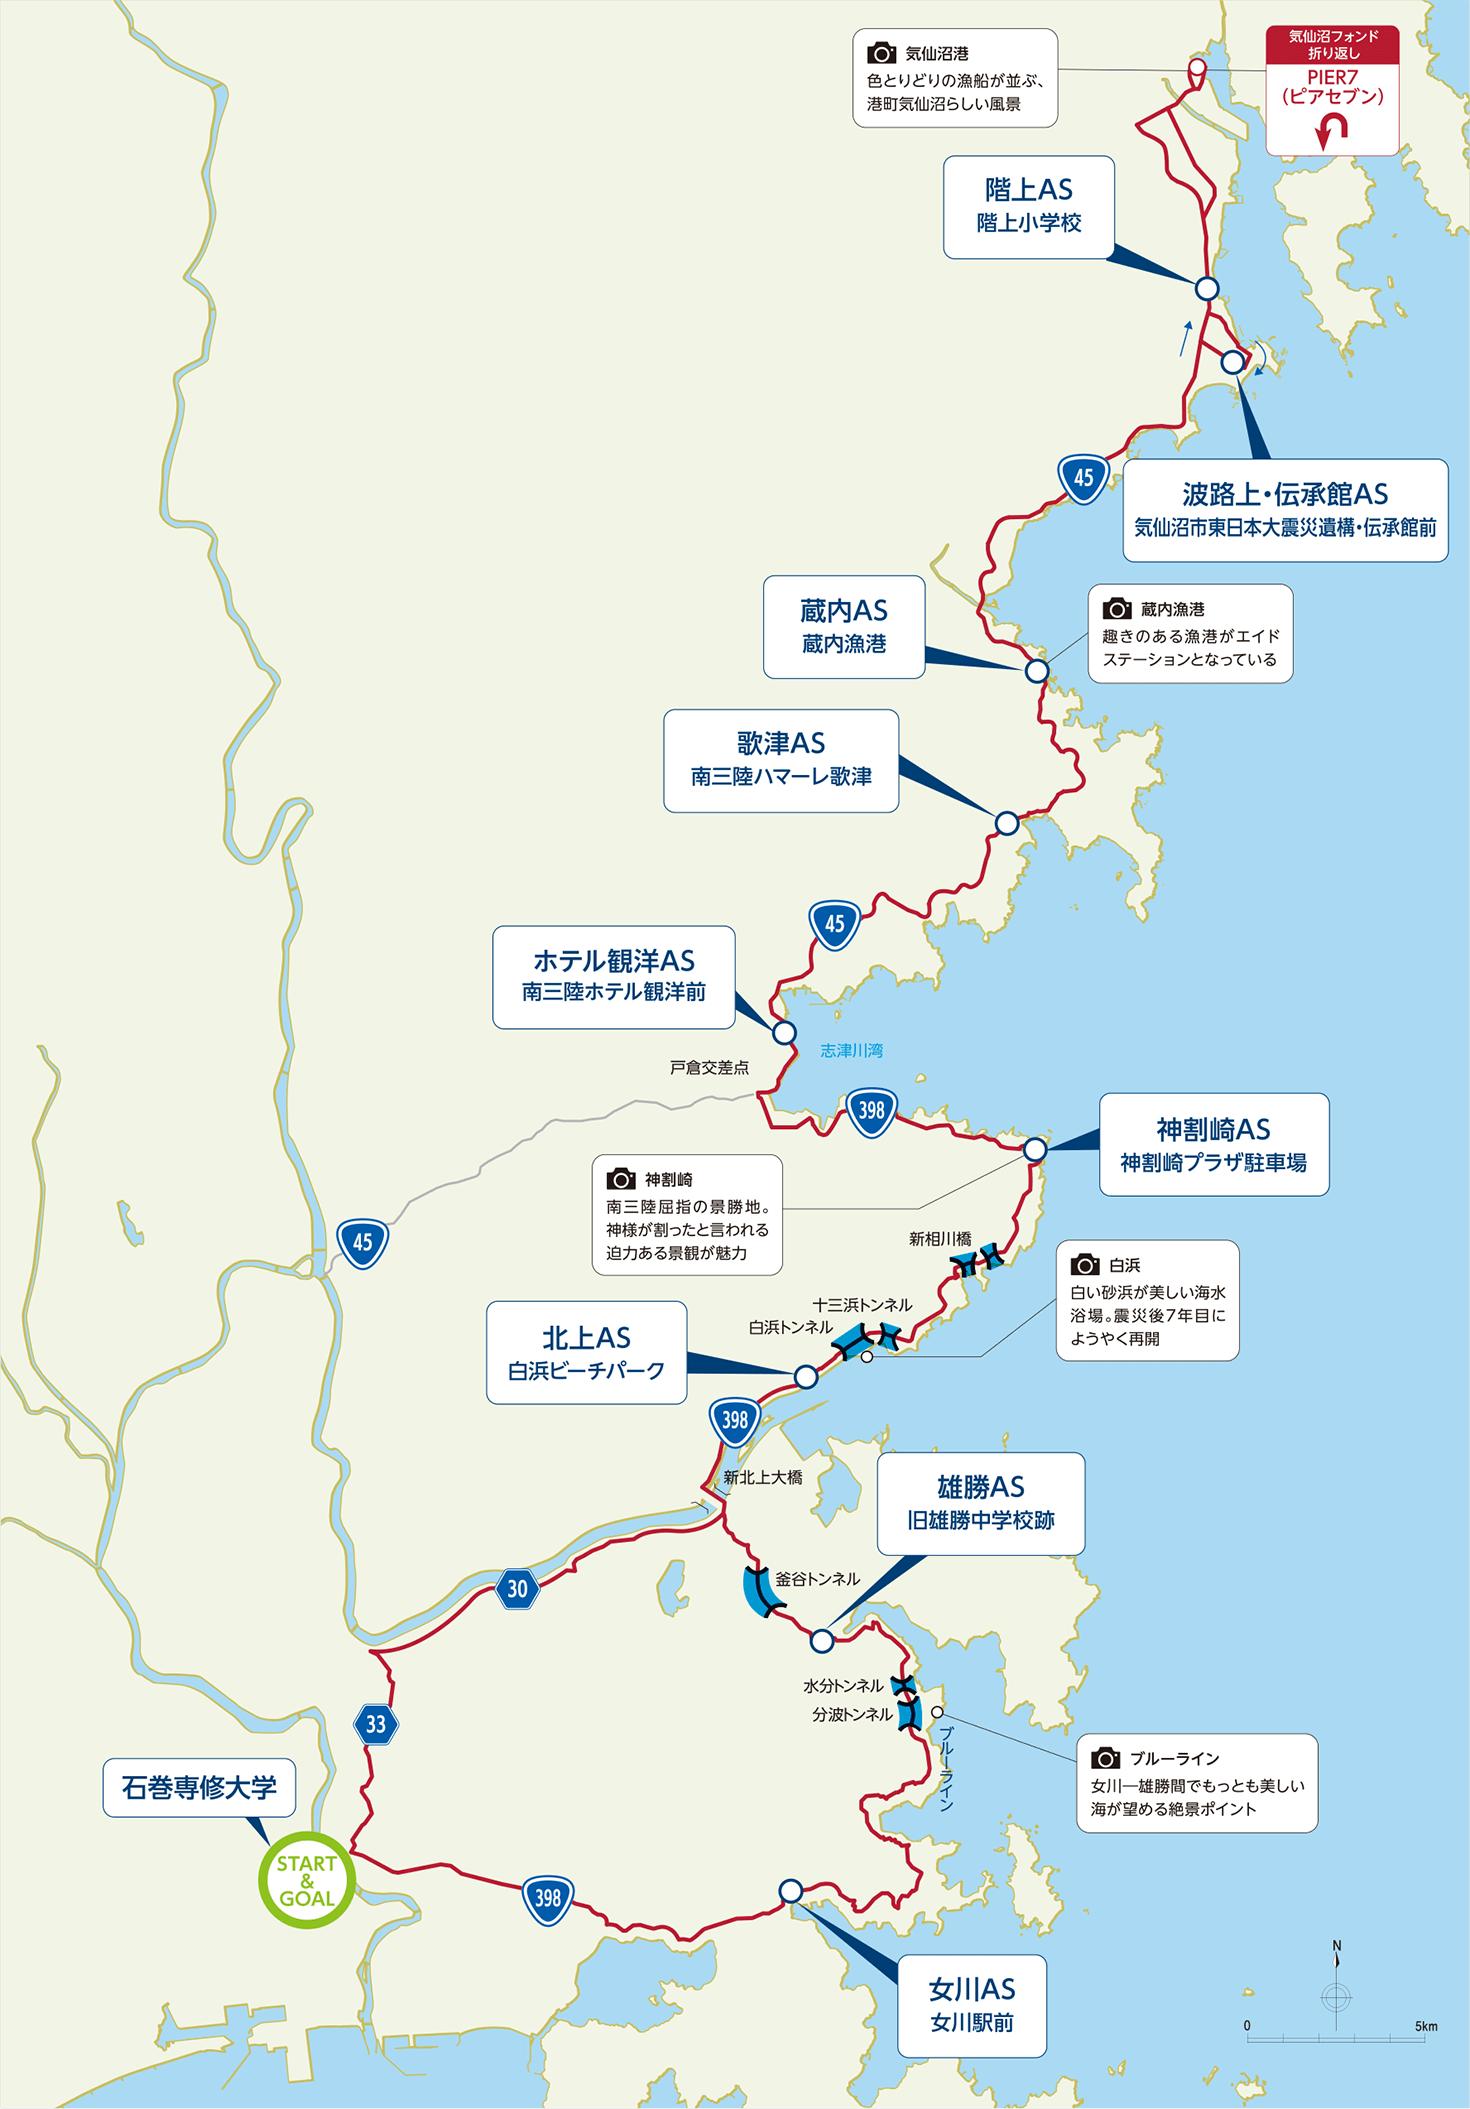 気仙沼フォンドのコースマップ